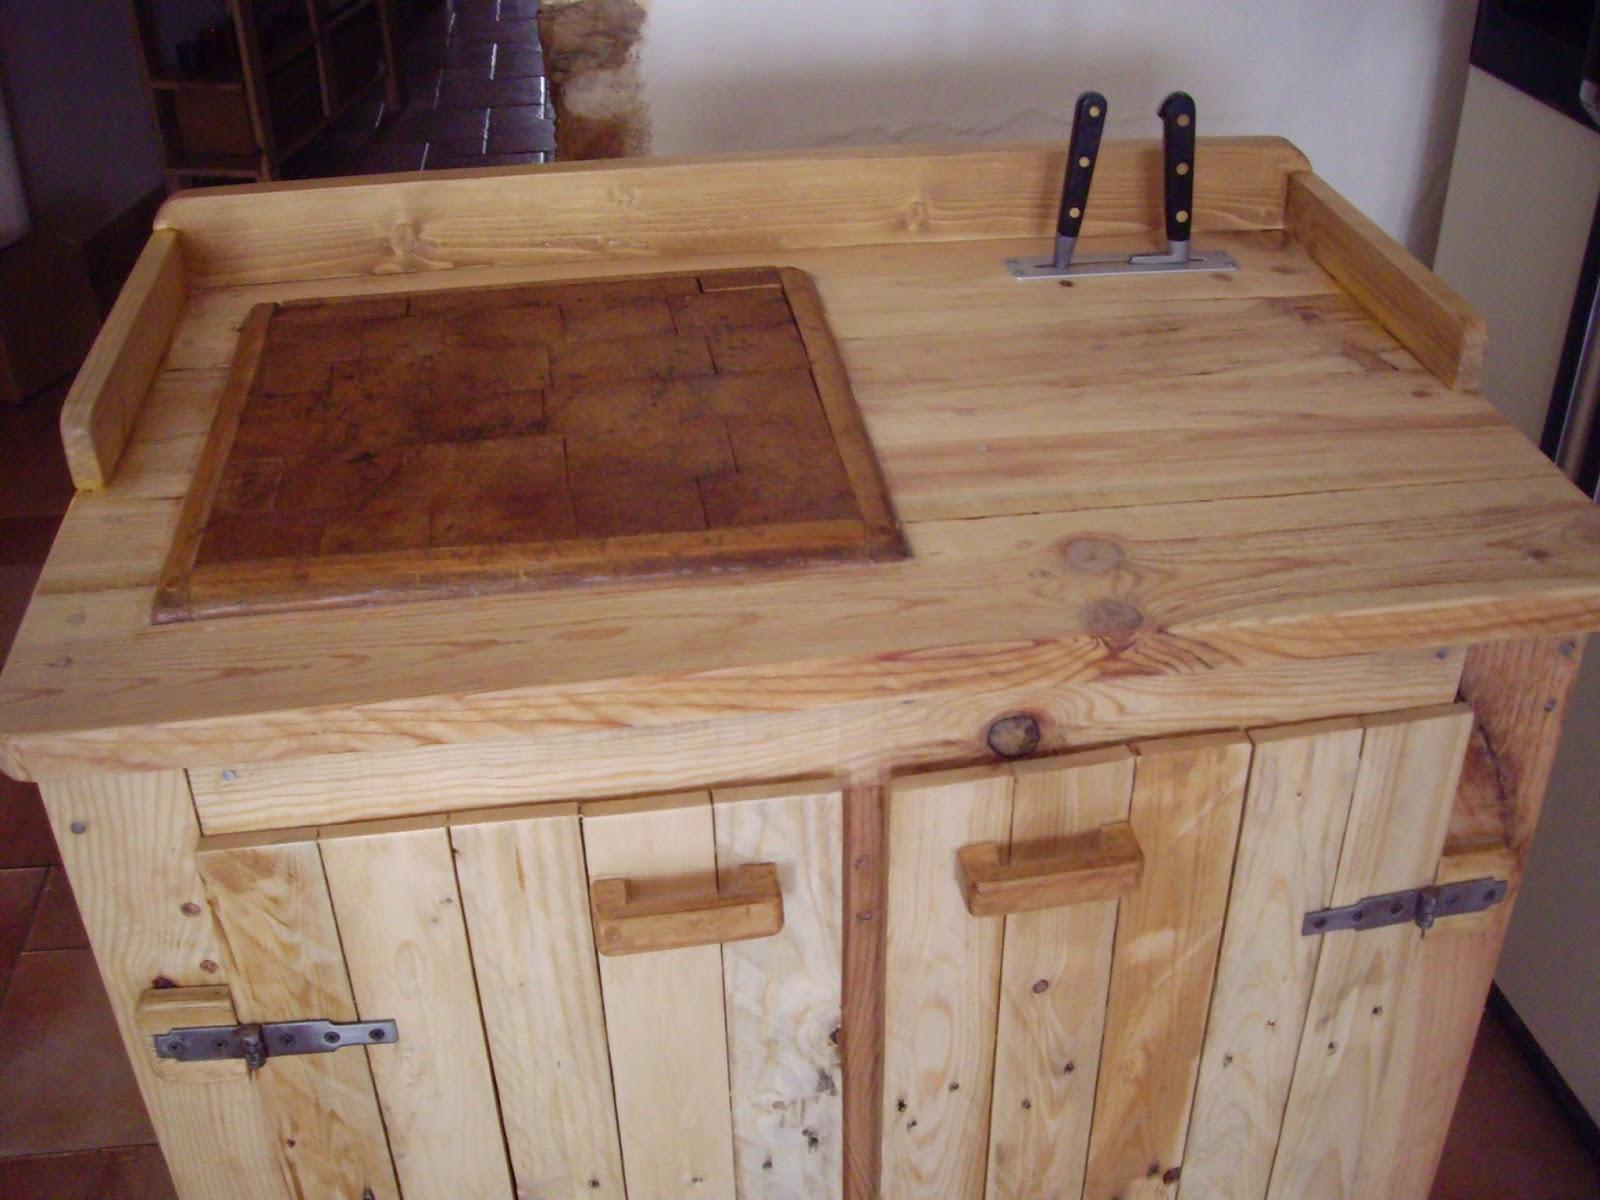 Objets d co tutoriels et meubles en bois de palettes mars 2015 Meubles en bois de palette